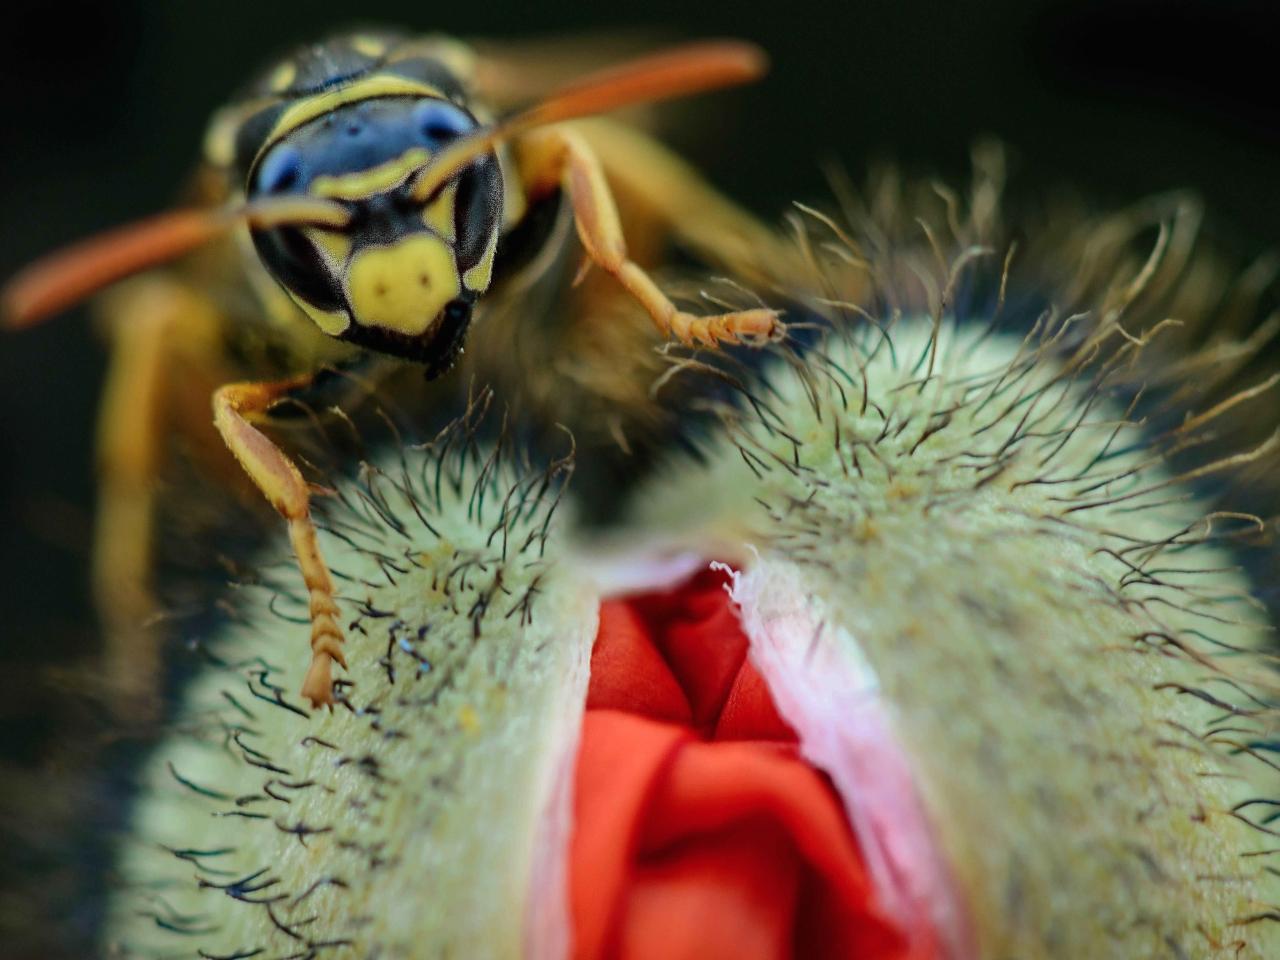 Una avispa y una amapola - 1280x960